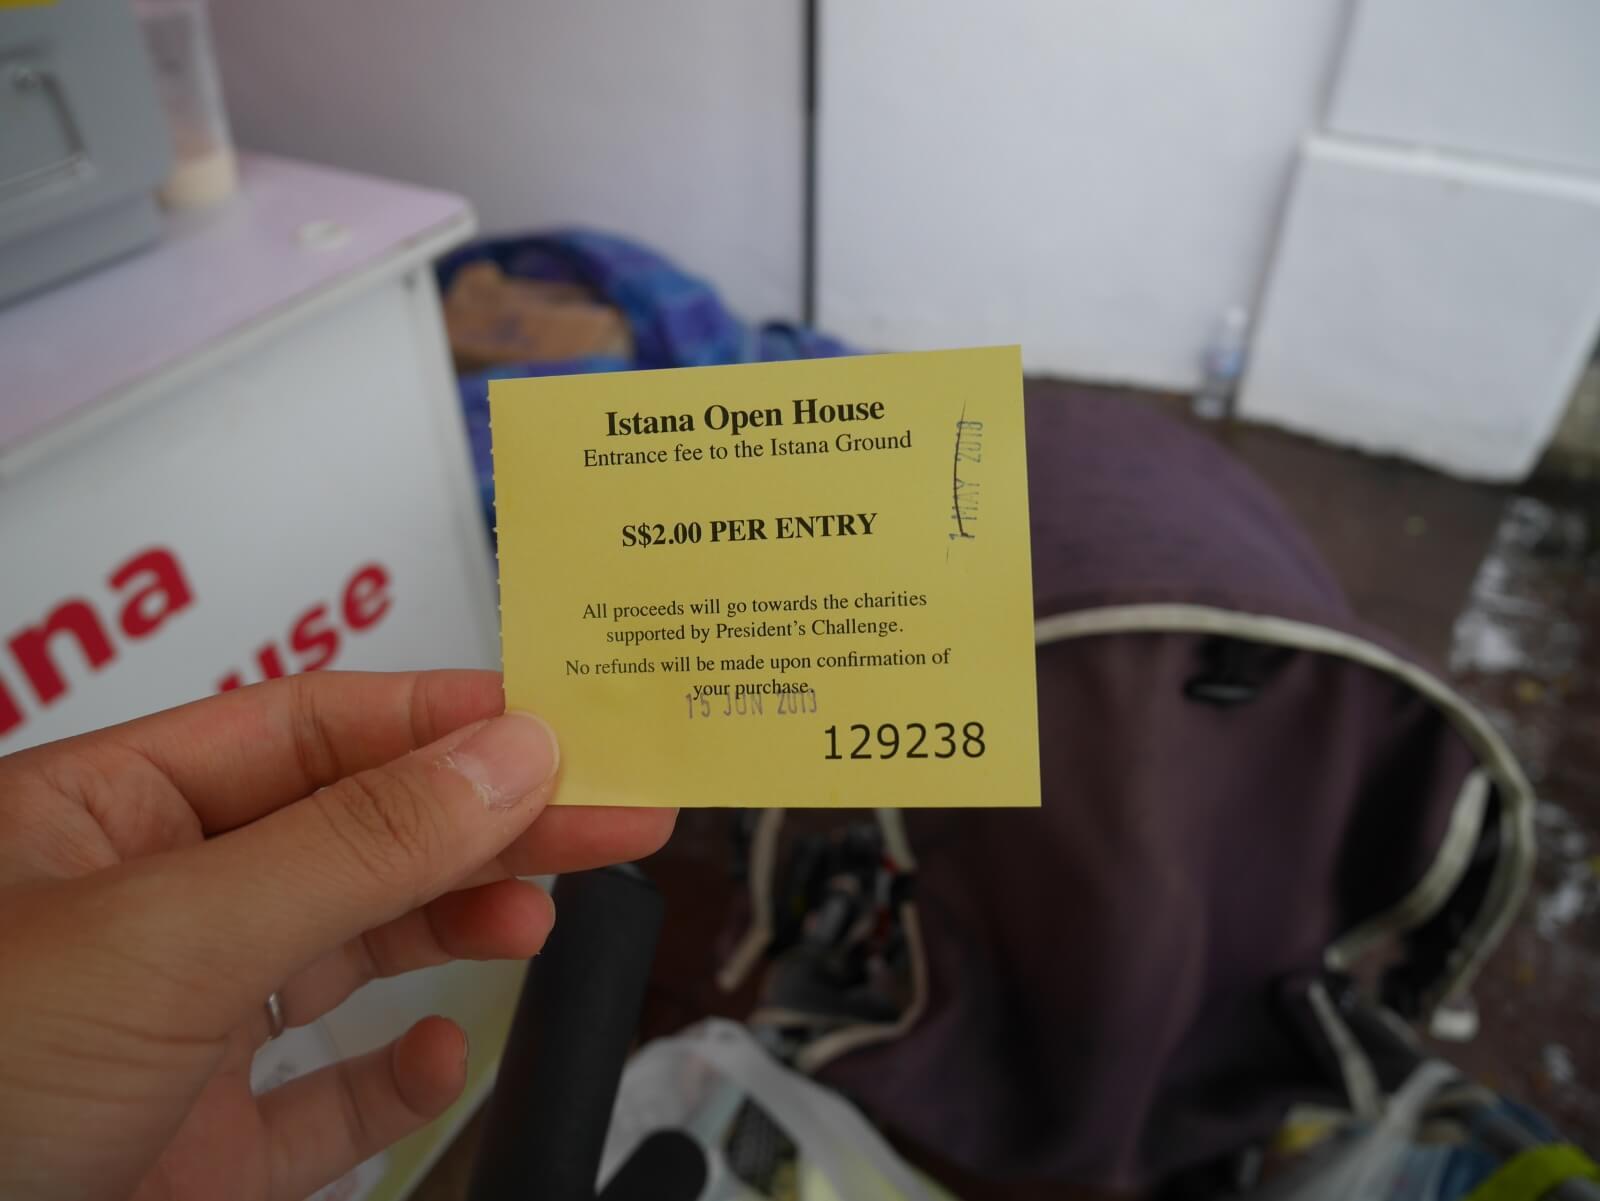 シンガポールの首相官邸「イスタナ」オープンハウスのチケット